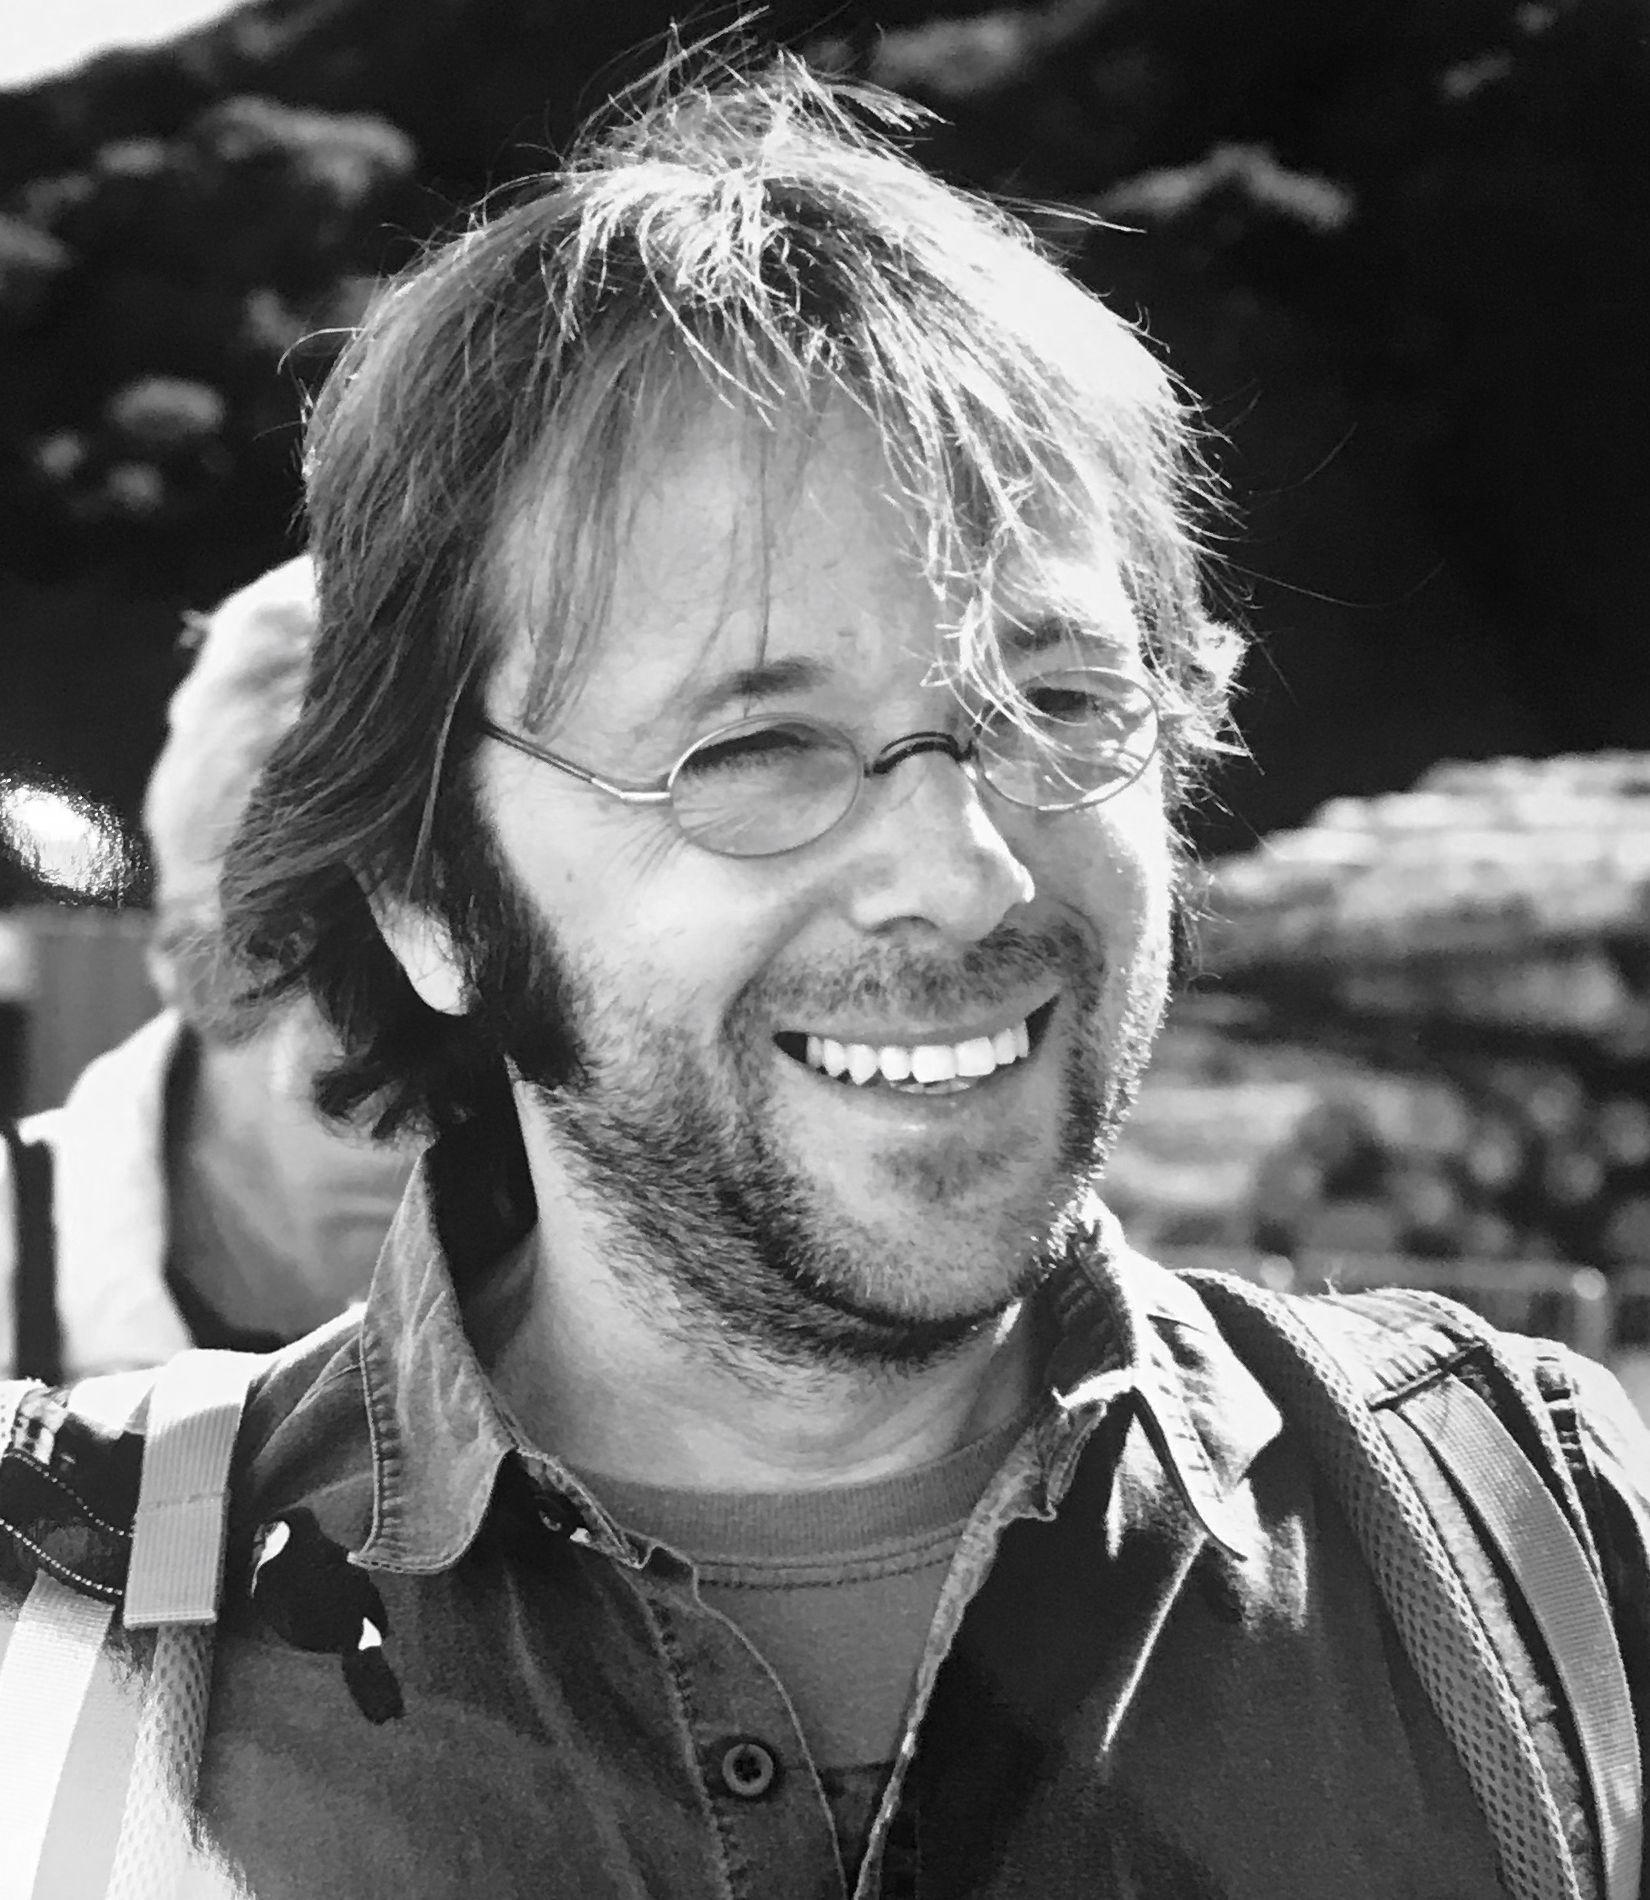 Carsten Laukamp